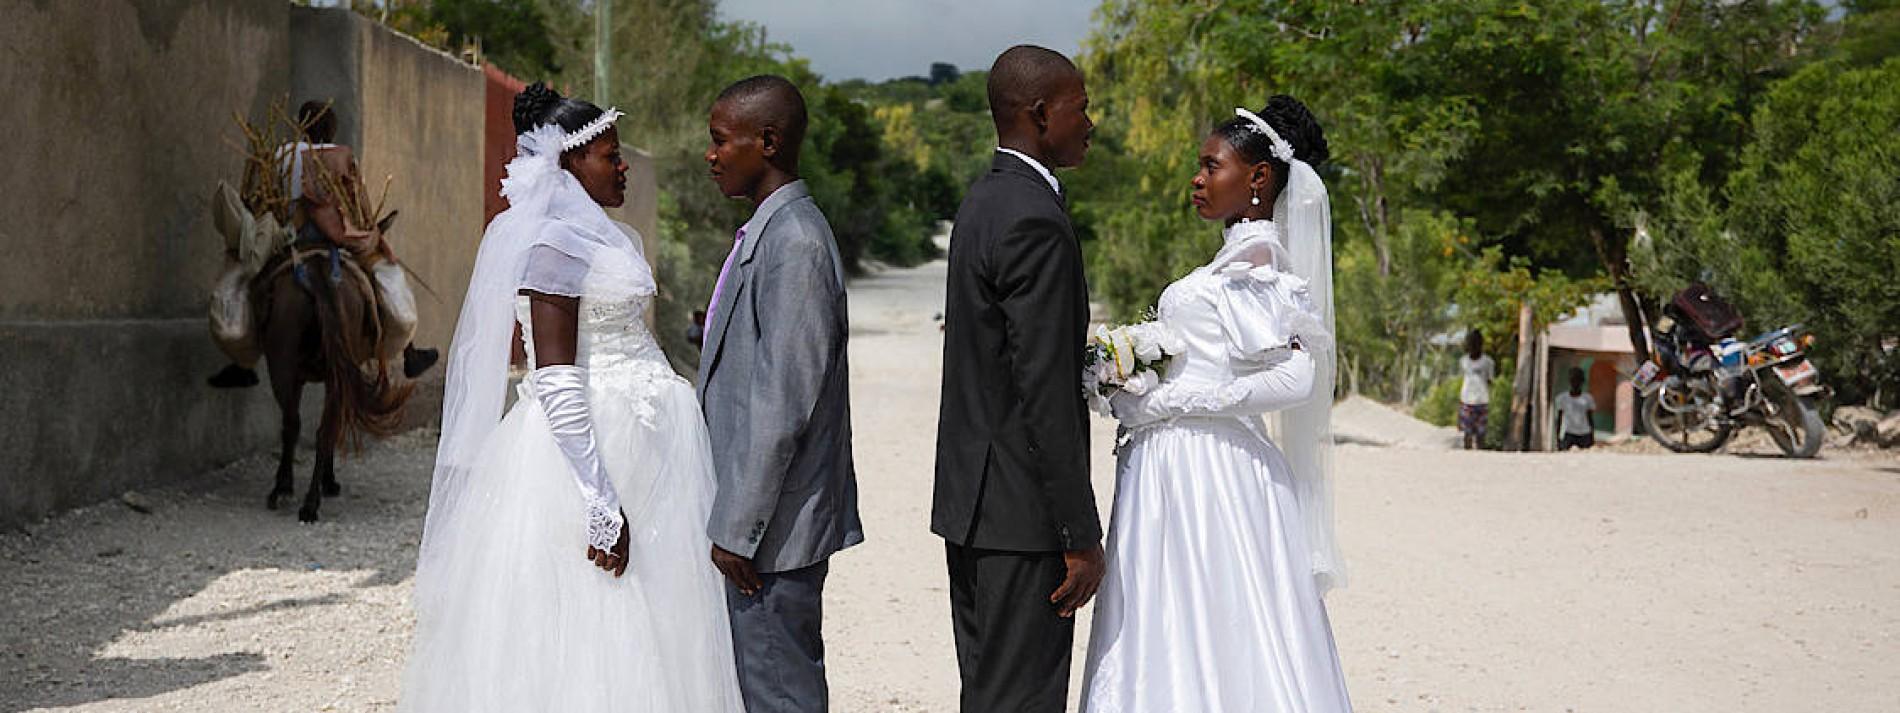 Die wilden Hochzeiten von Haiti